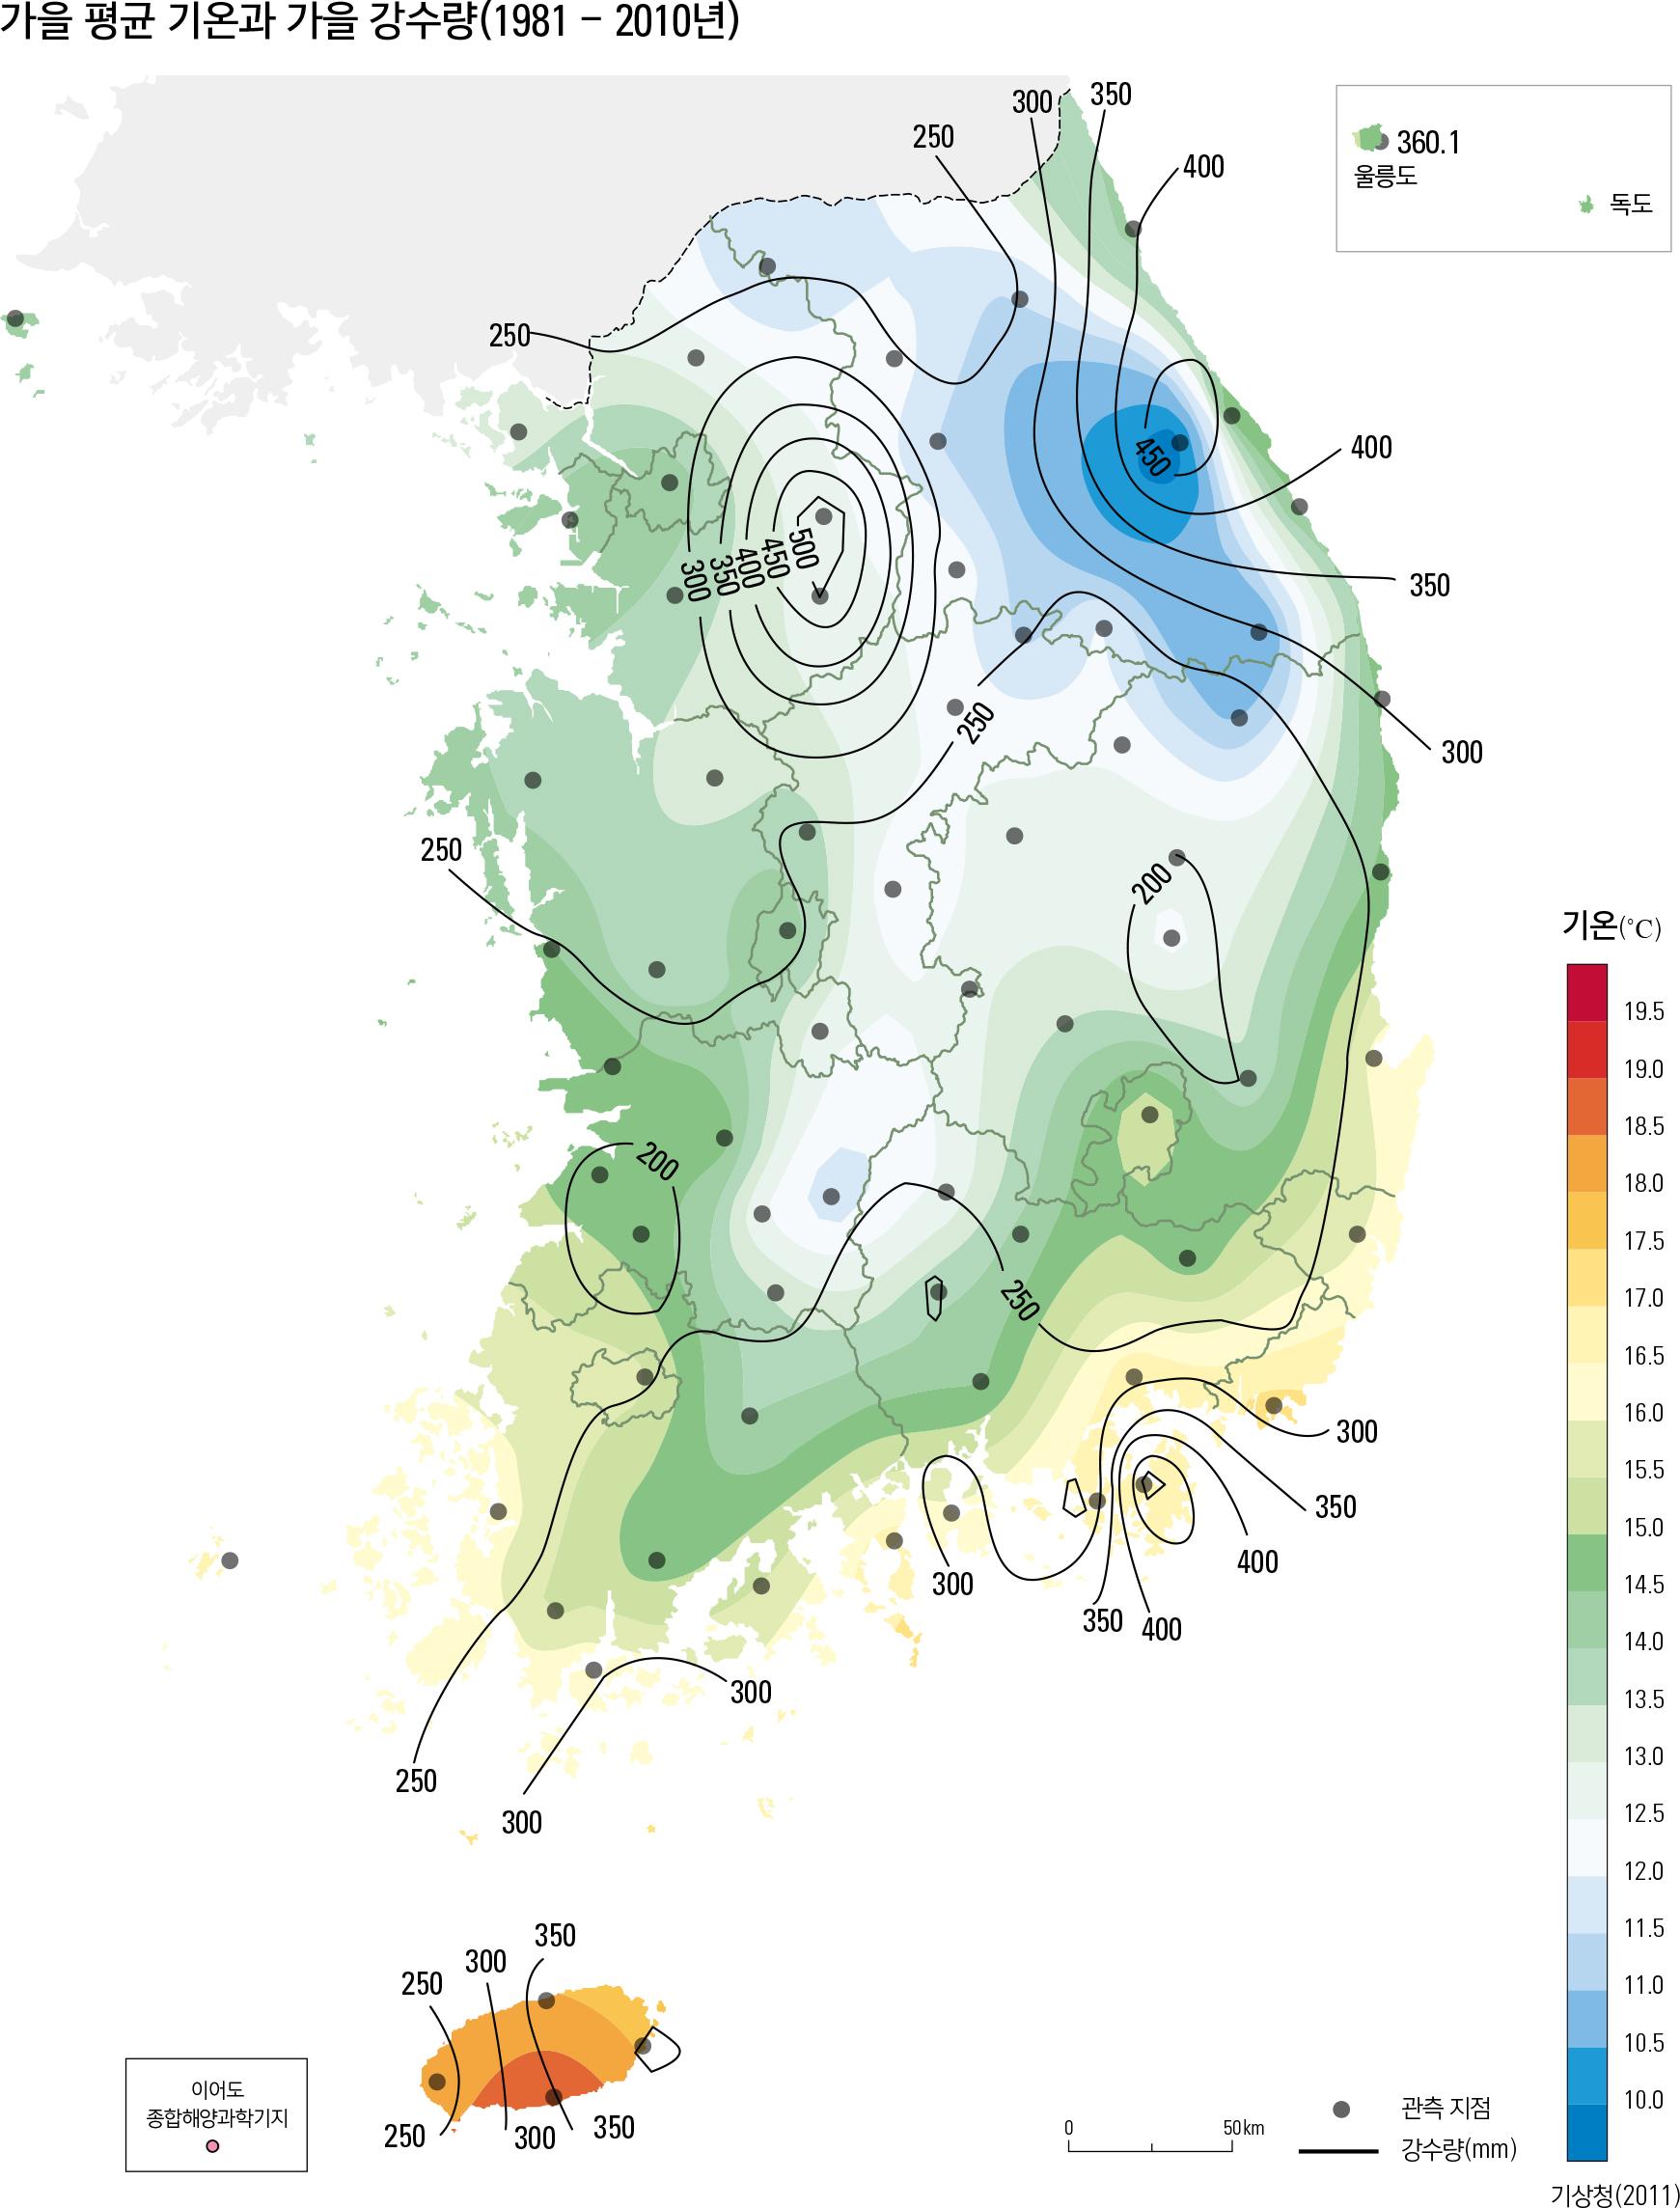 가을 평균 기온과 가을 강수량(1981 - 2010년)